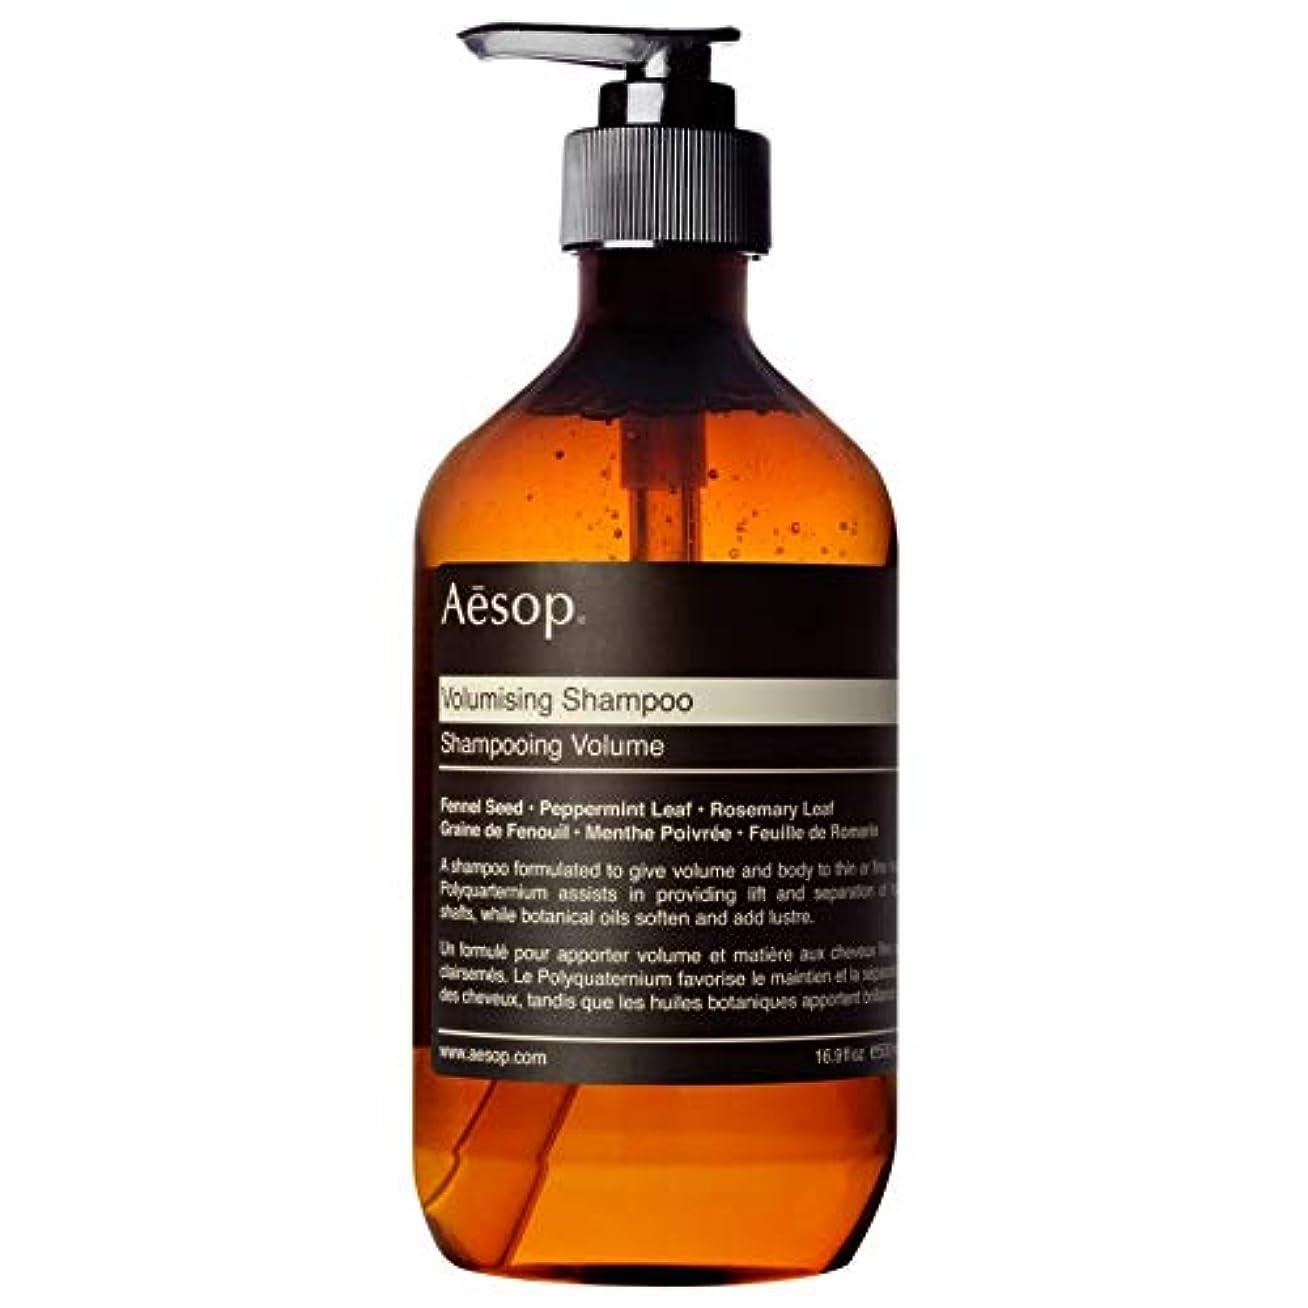 近傍メンタル考古学的な[Aesop ] イソップVolumisingシャンプー500ミリリットル - Aesop Volumising Shampoo 500ml [並行輸入品]